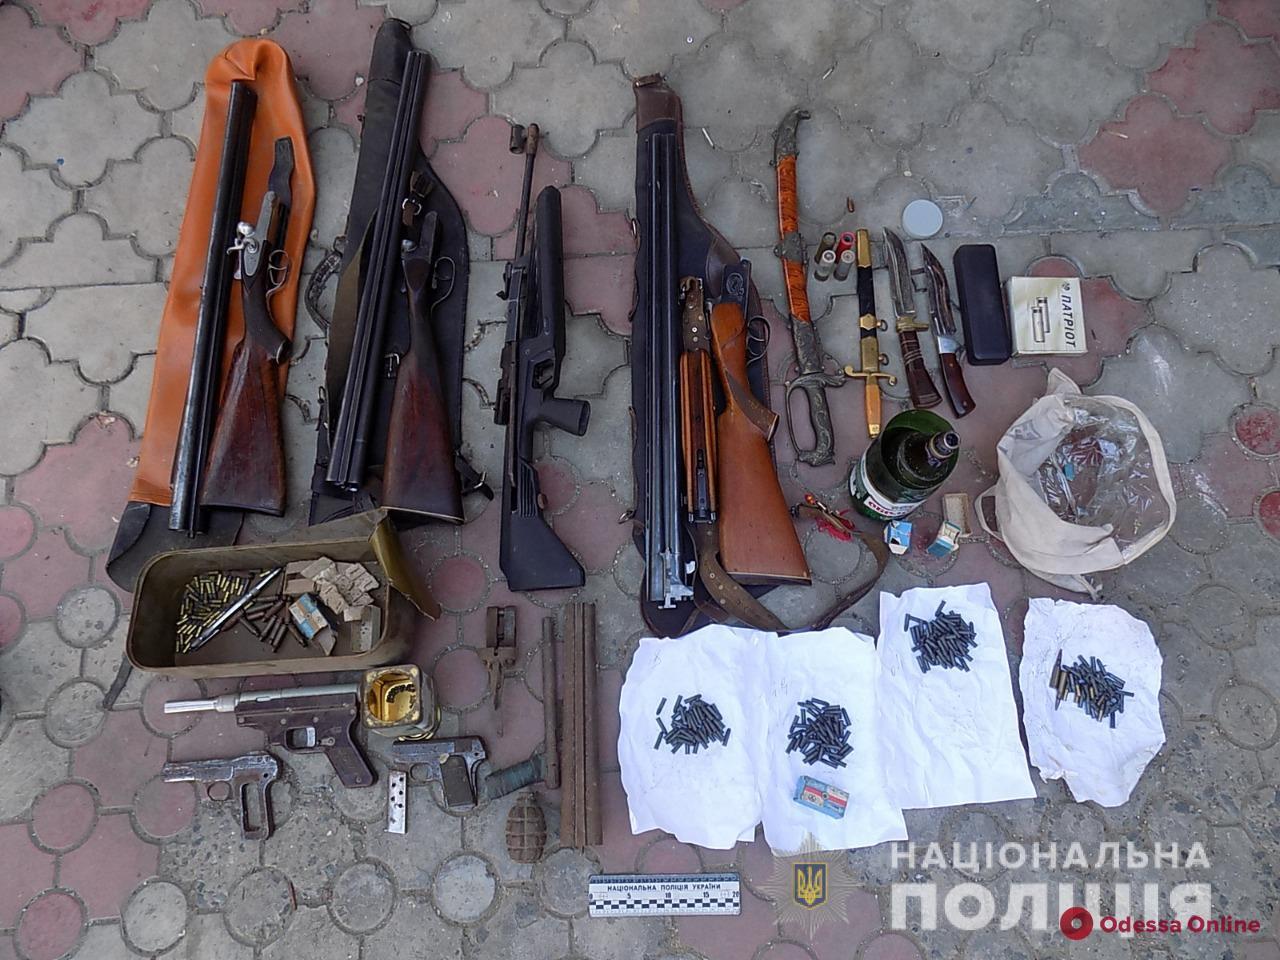 Опасное наследство: житель Одесской области хранил дома арсенал оружия